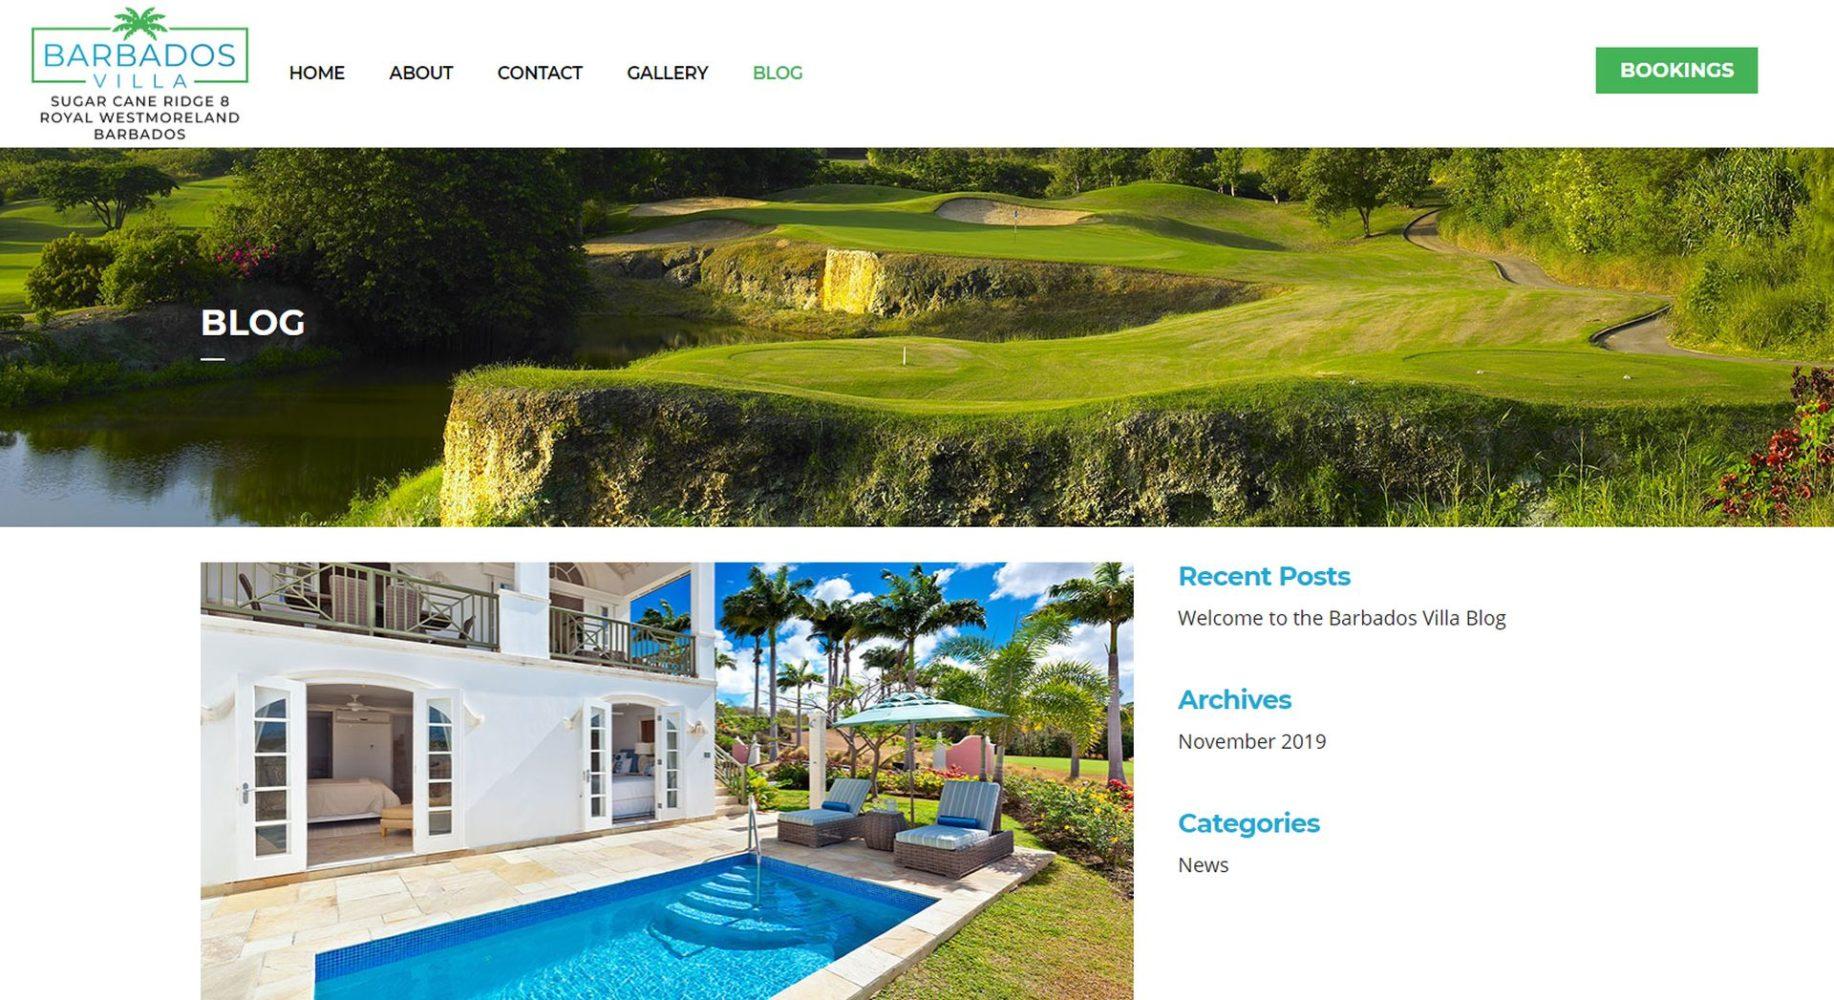 Barbados Villa Website Design Blog